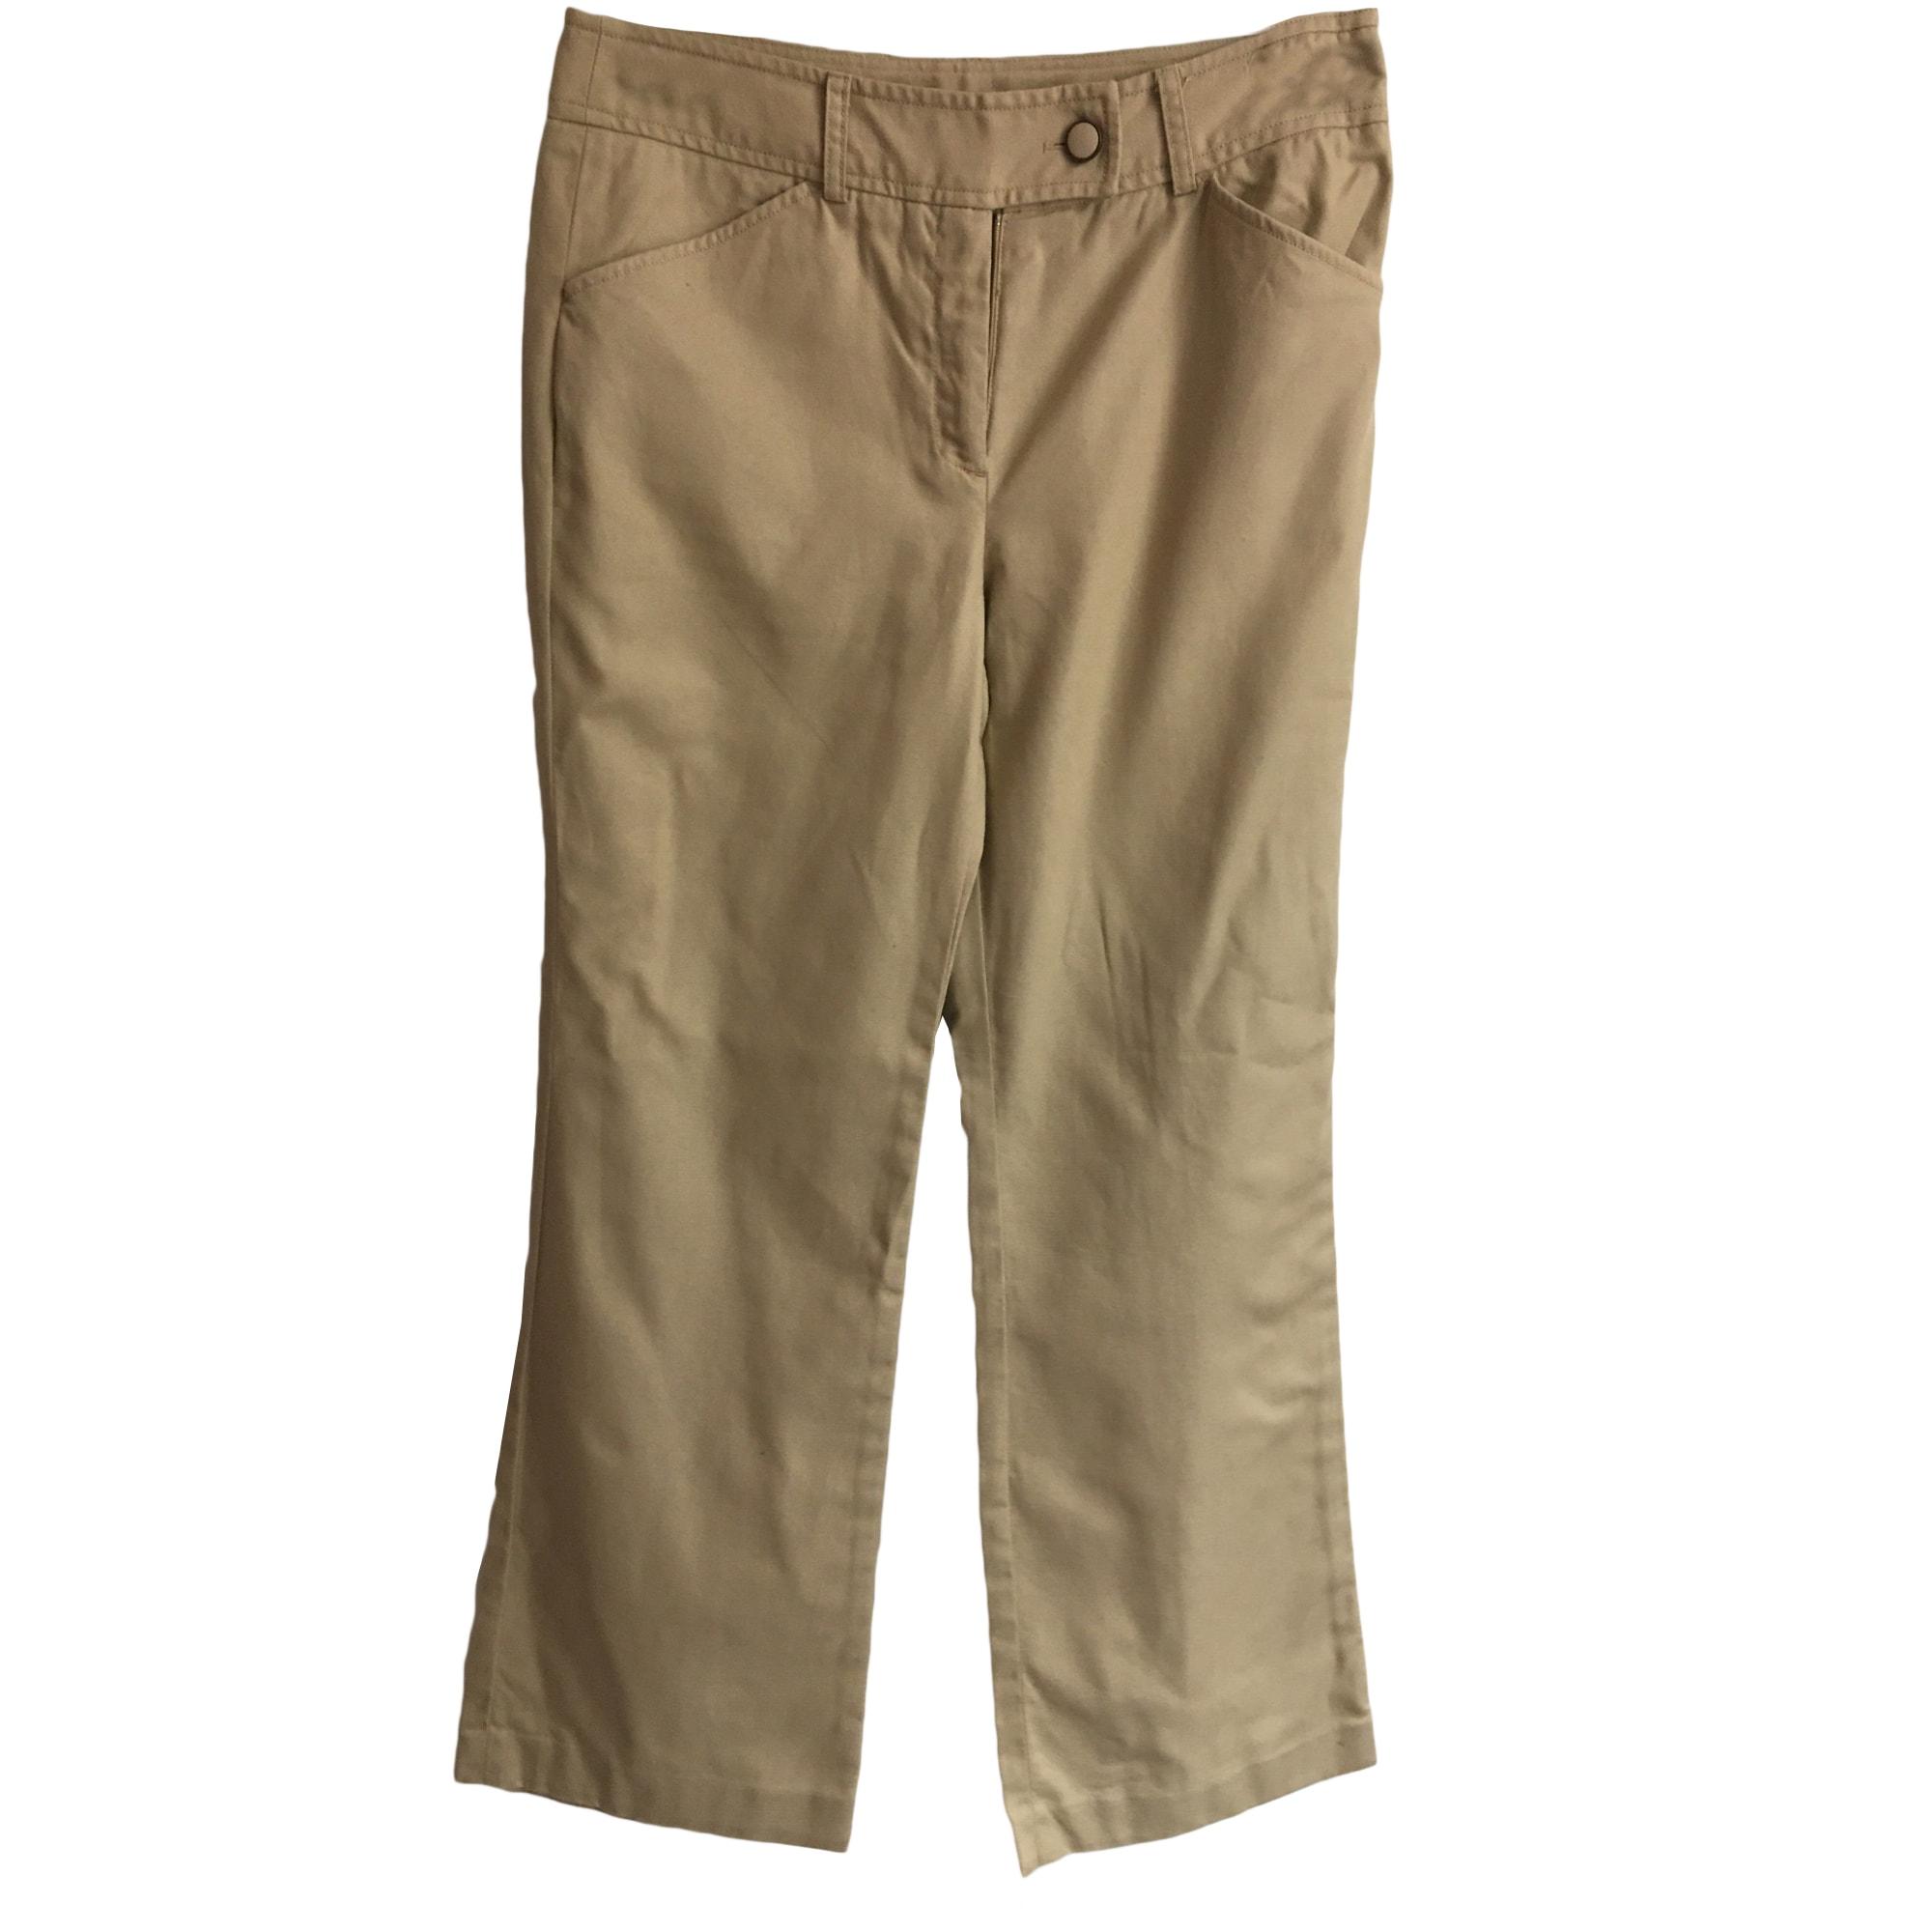 Pantalon droit TOMMY HILFIGER Beige, camel